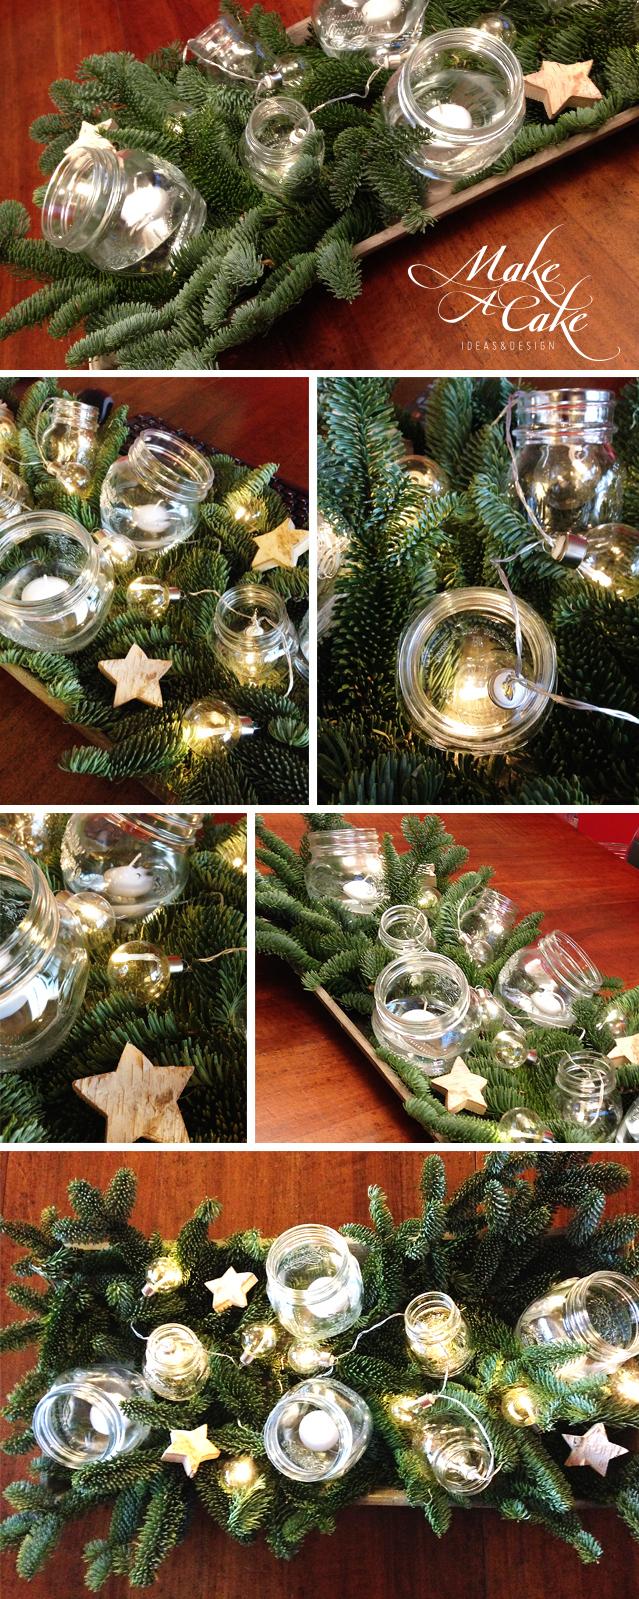 Segnatavolo e segnaposto per la tavola di Natale